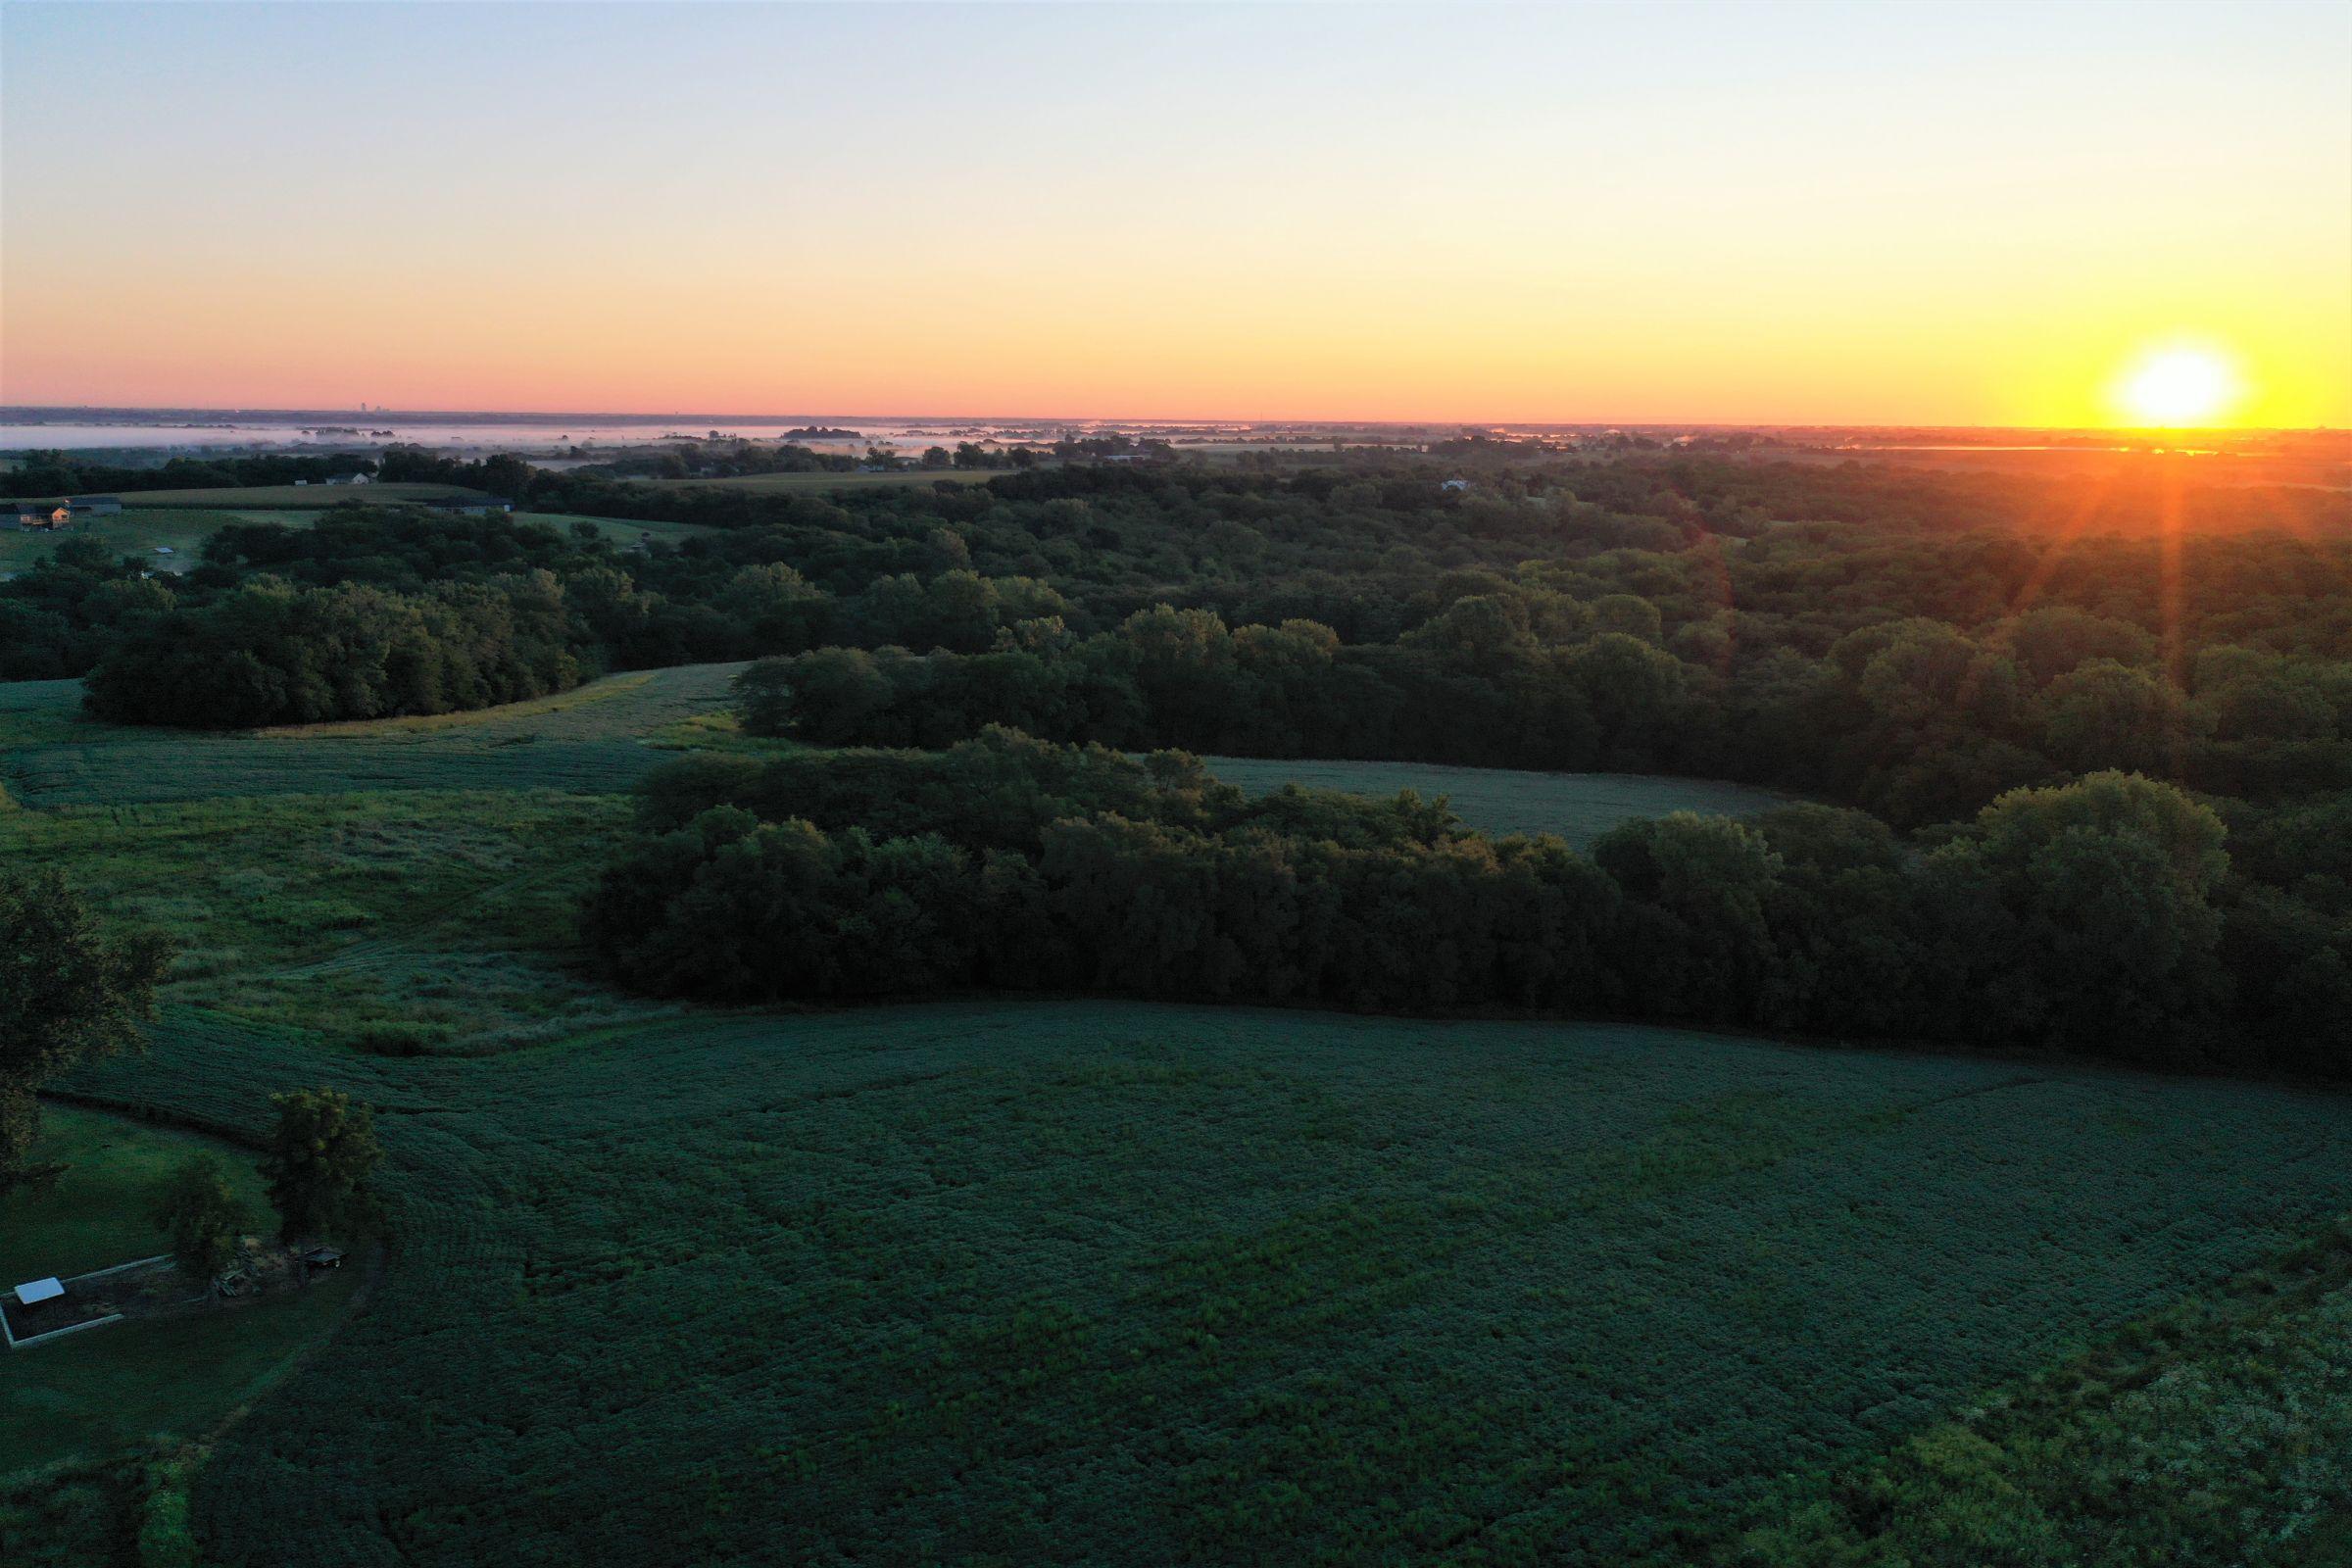 warren-county-iowa-40-acres-listing-number-15145-0-2020-08-28-144253.jpg